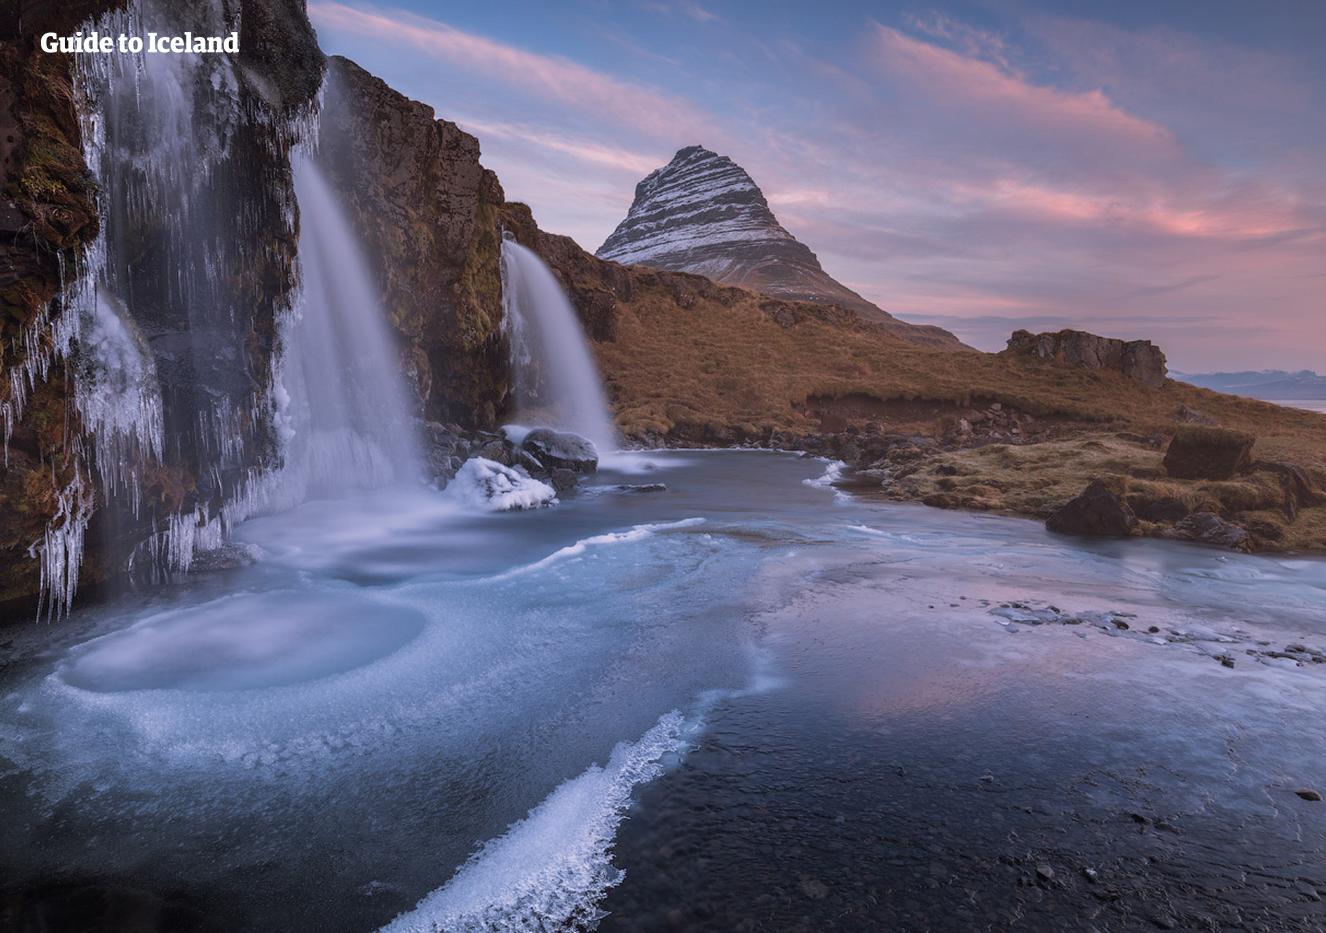 La montagne emblématique de Kirkjufell sur la péninsule de Snæfellsnes a été décrite comme «la montagne comme une pointe de flèche» par Hound dans Game of Thrones.